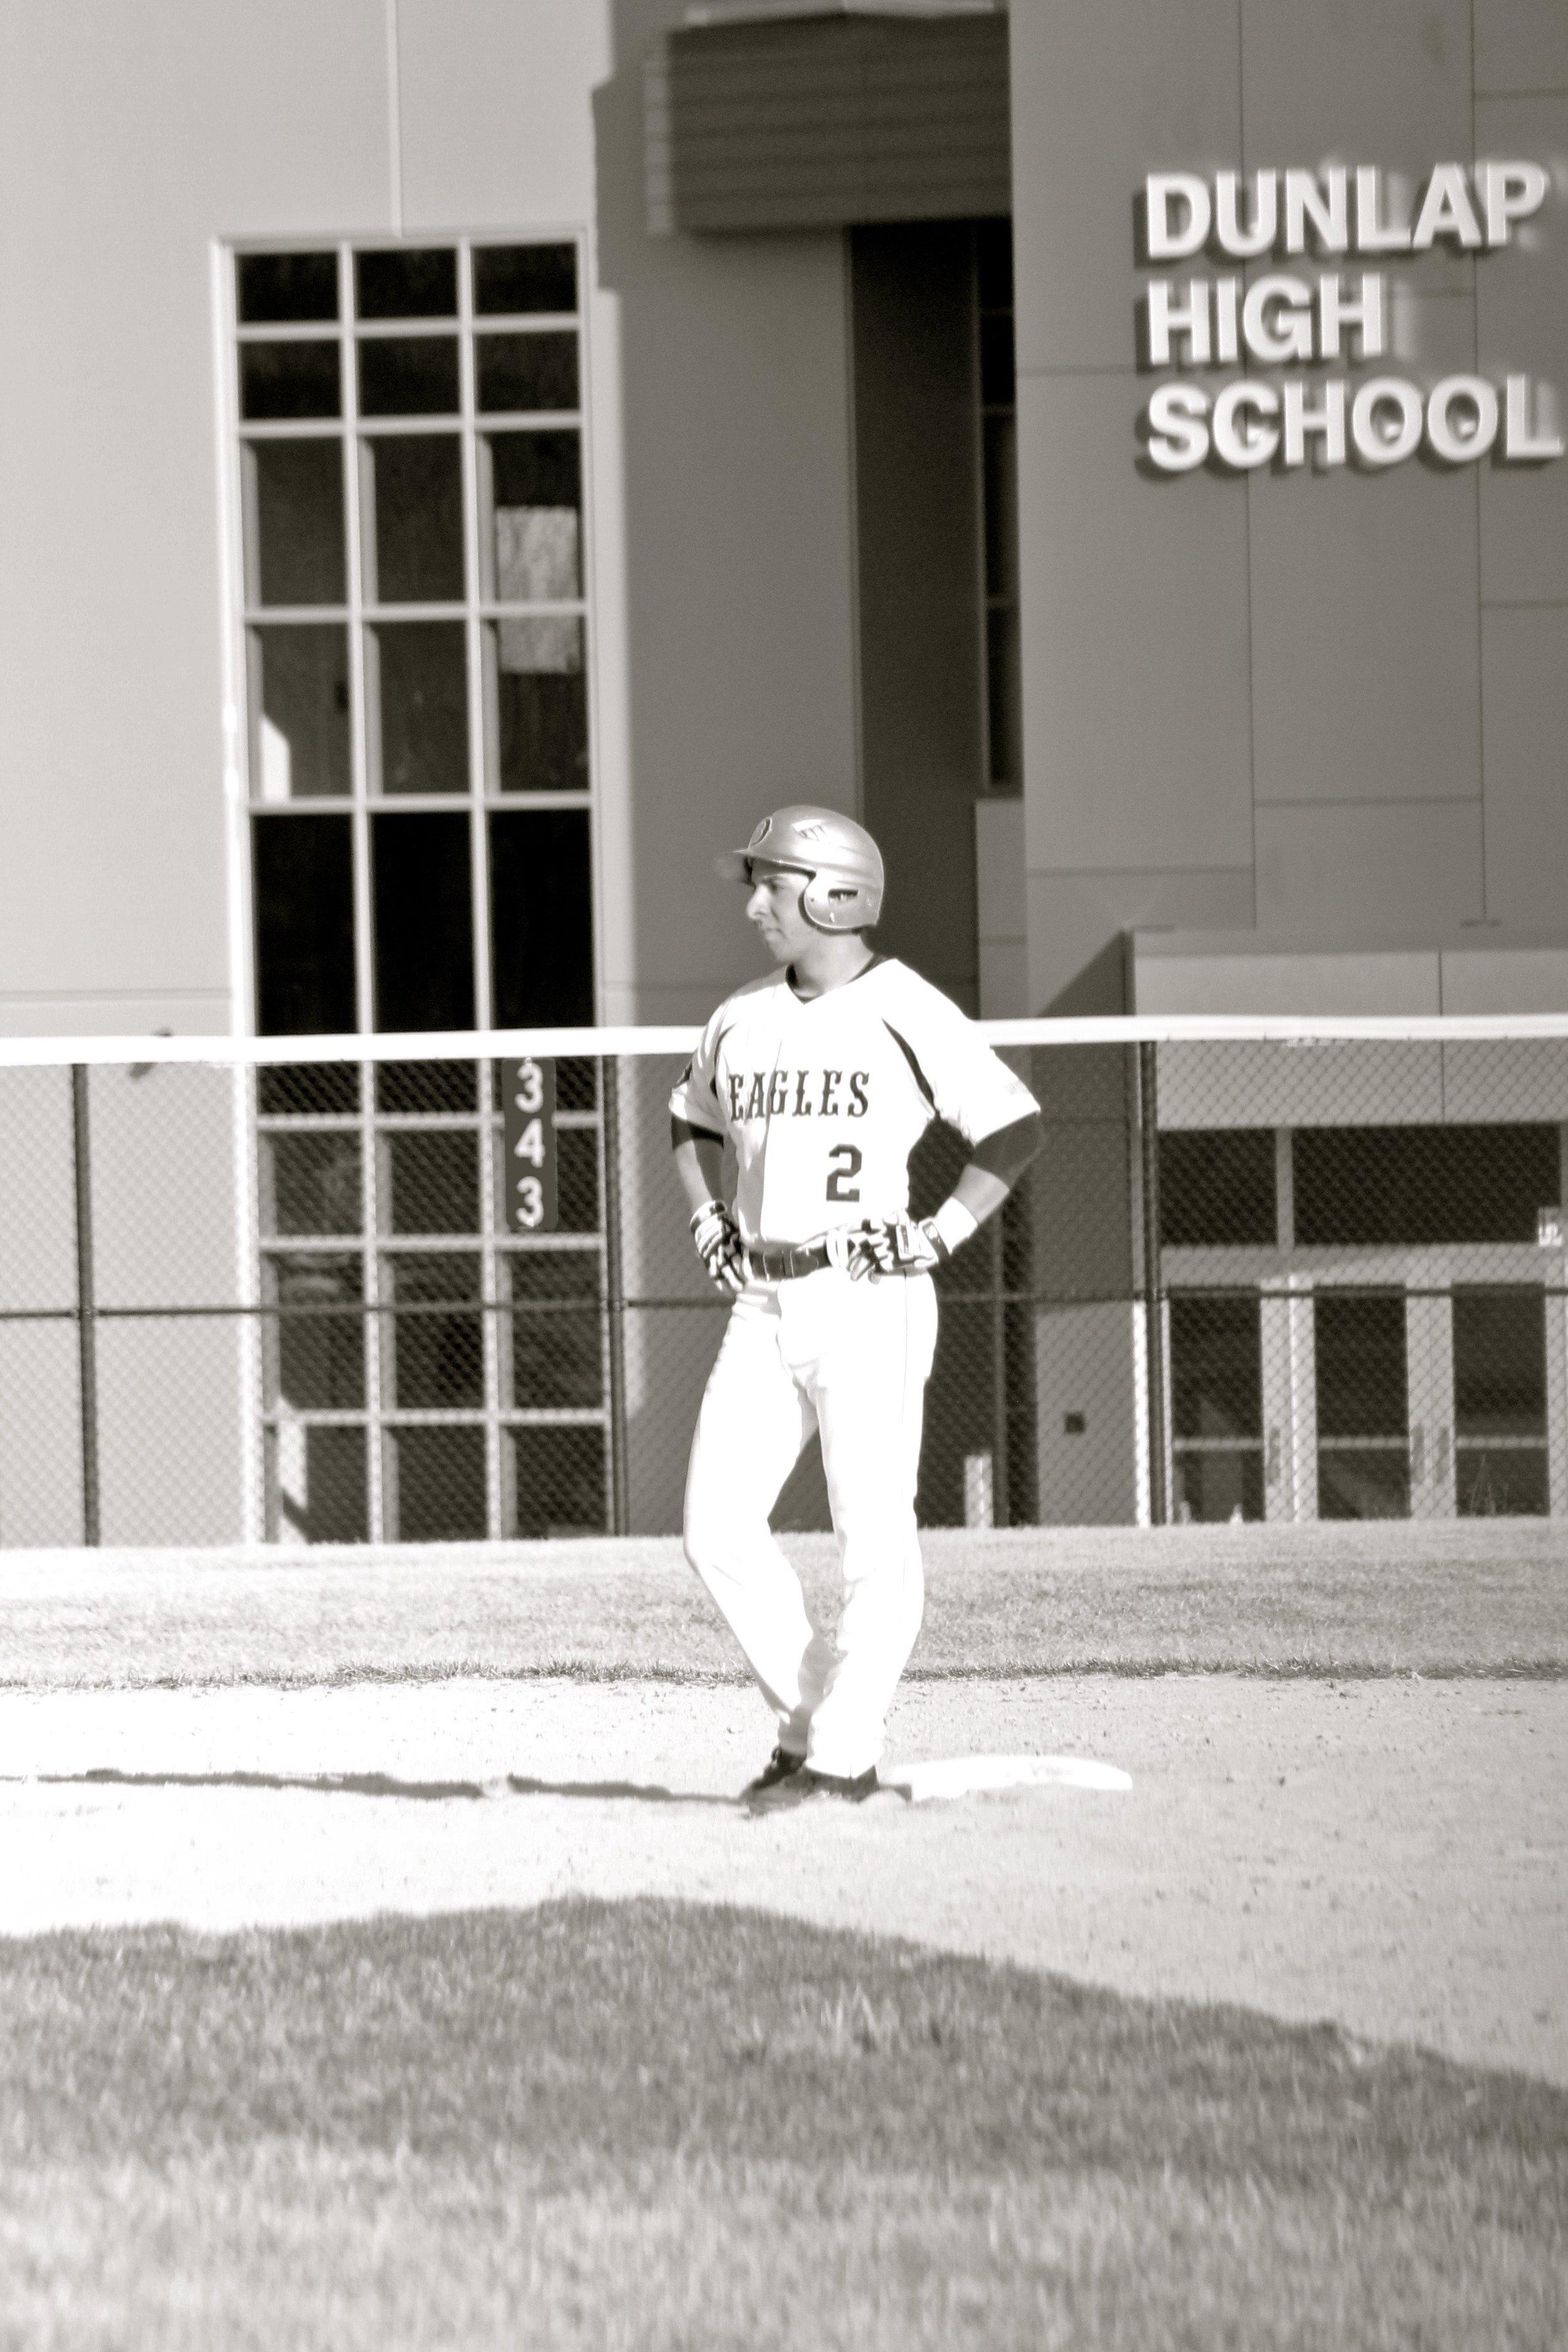 Nick-Dunlap-baseball-black-and-white.jpg